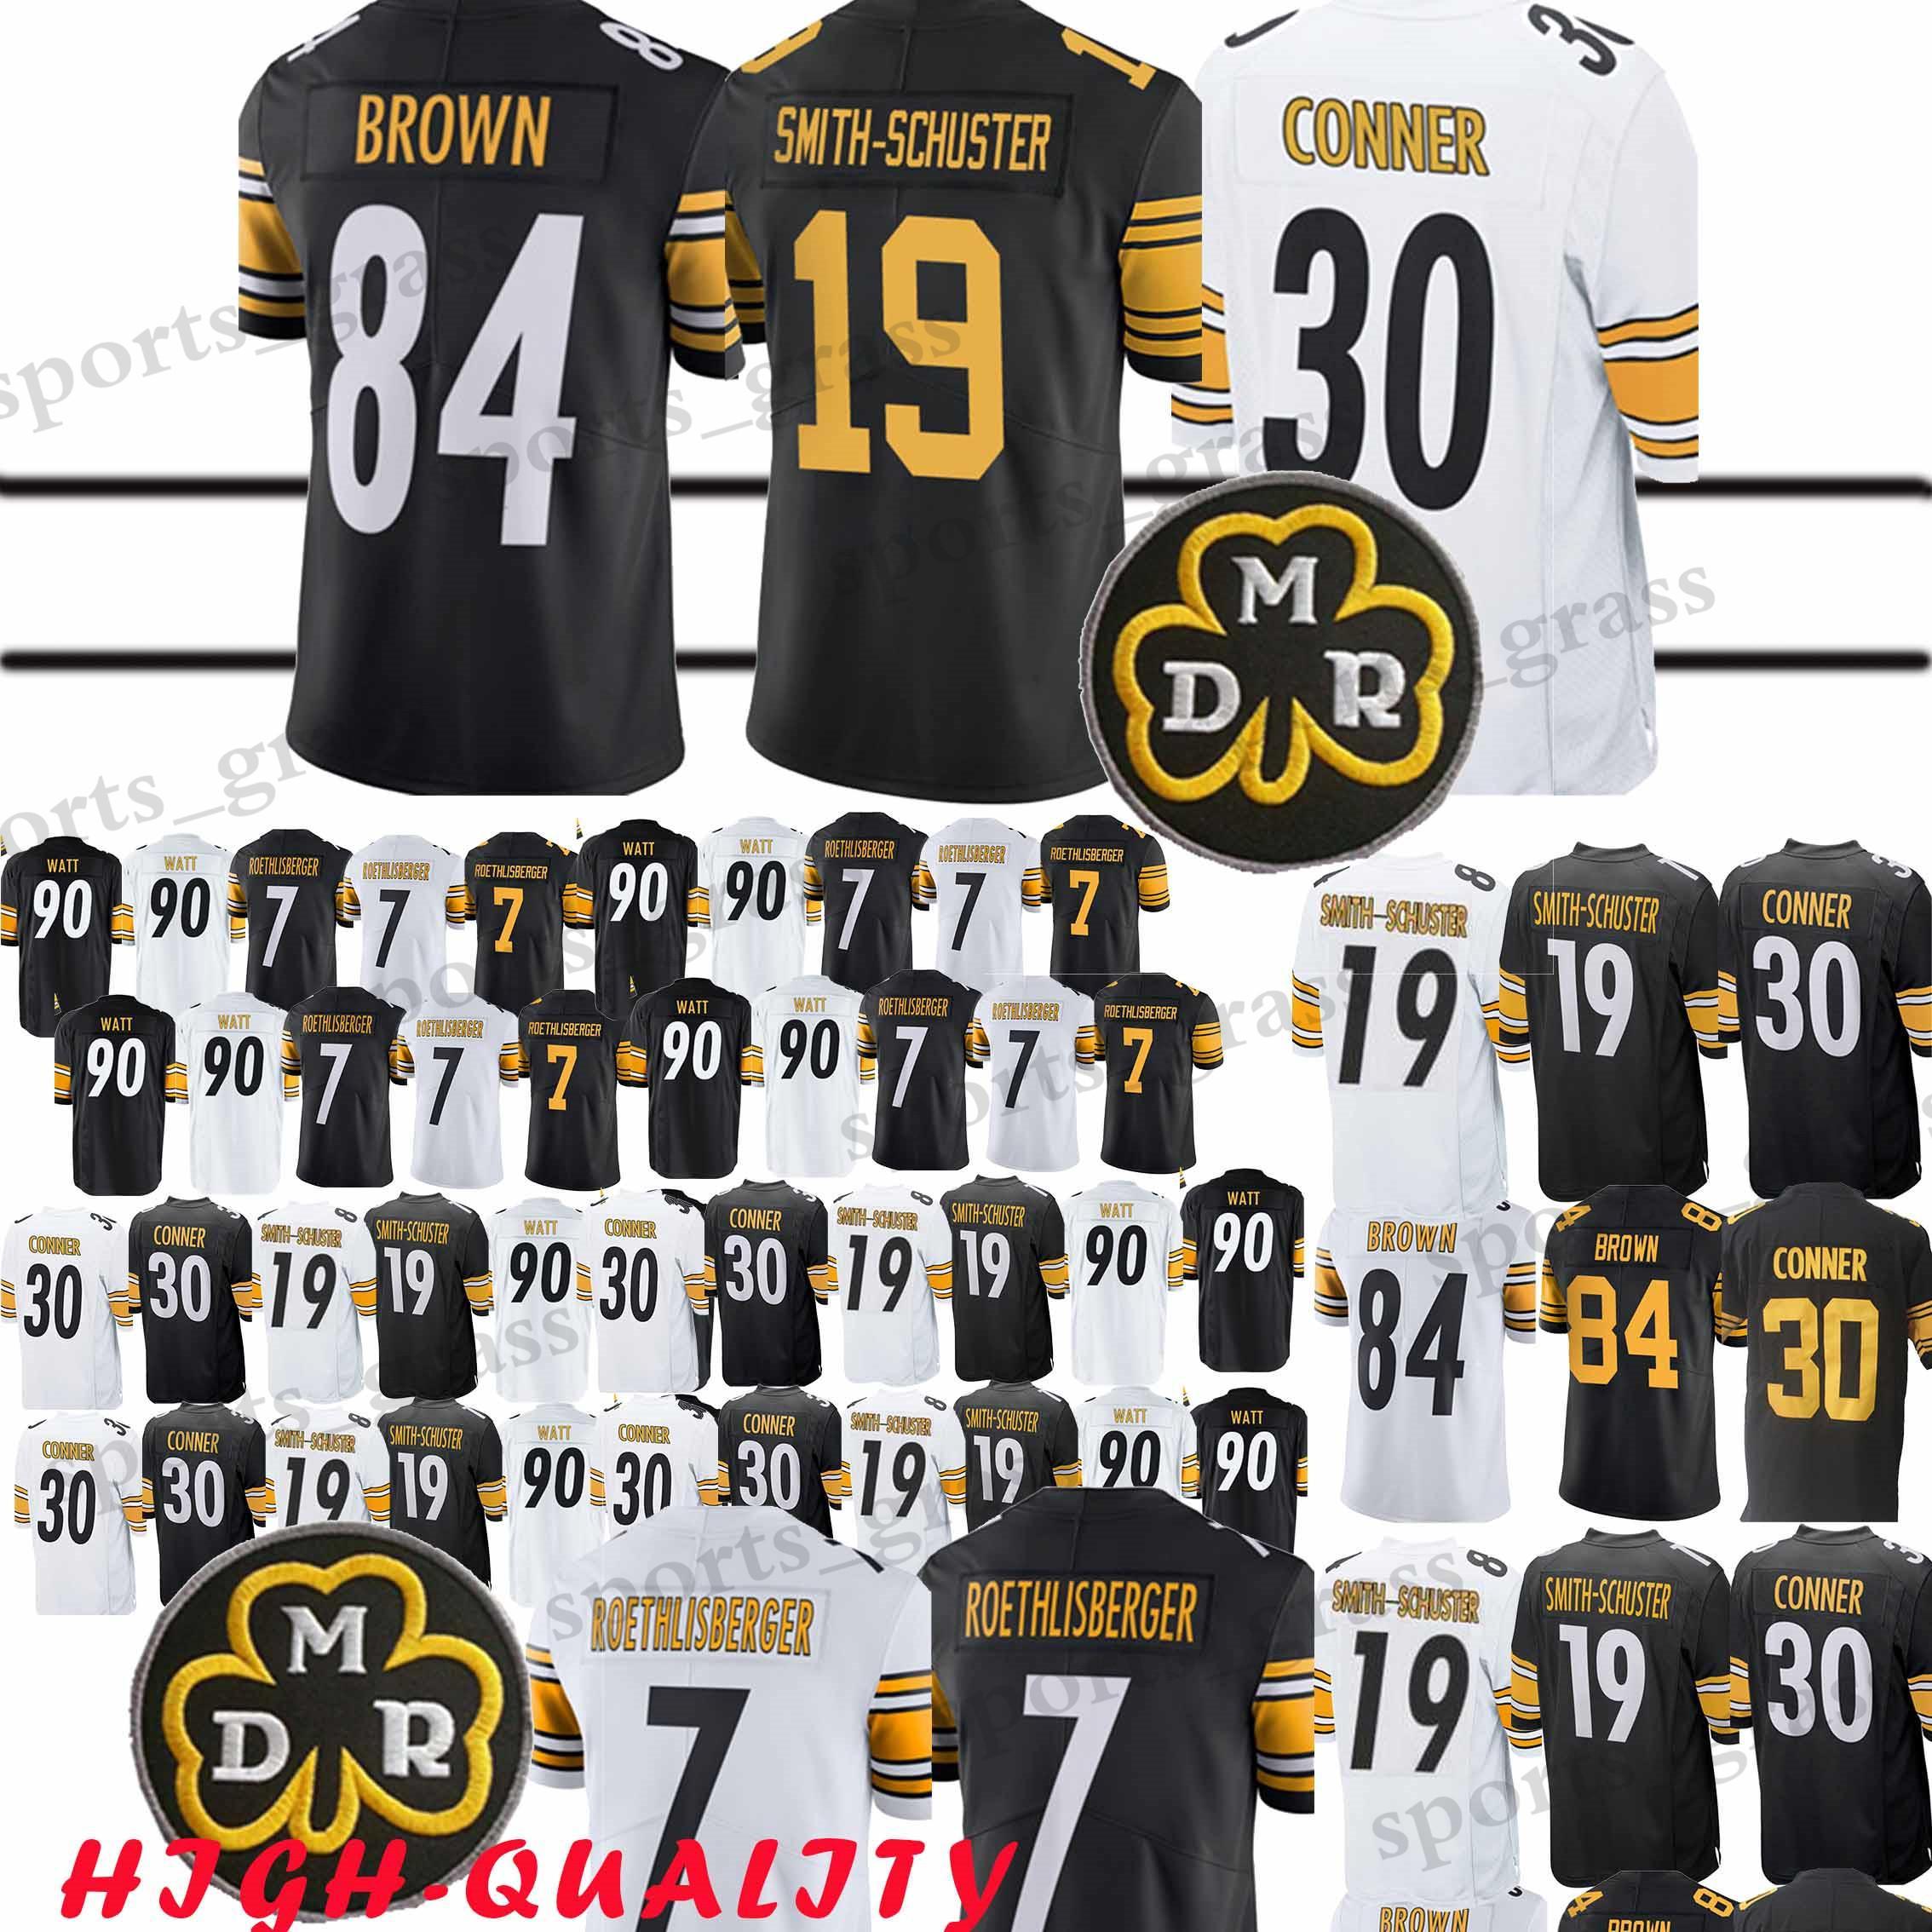 2019 30 James Conner 84 Antonio Brown Pittsburgh Jerseys 7 Ben  Roethlisberger Steeler 19 Juju Smith Schuster 90 T.J. Watt Jerseys High  Quality From ... ac2052e6456e1